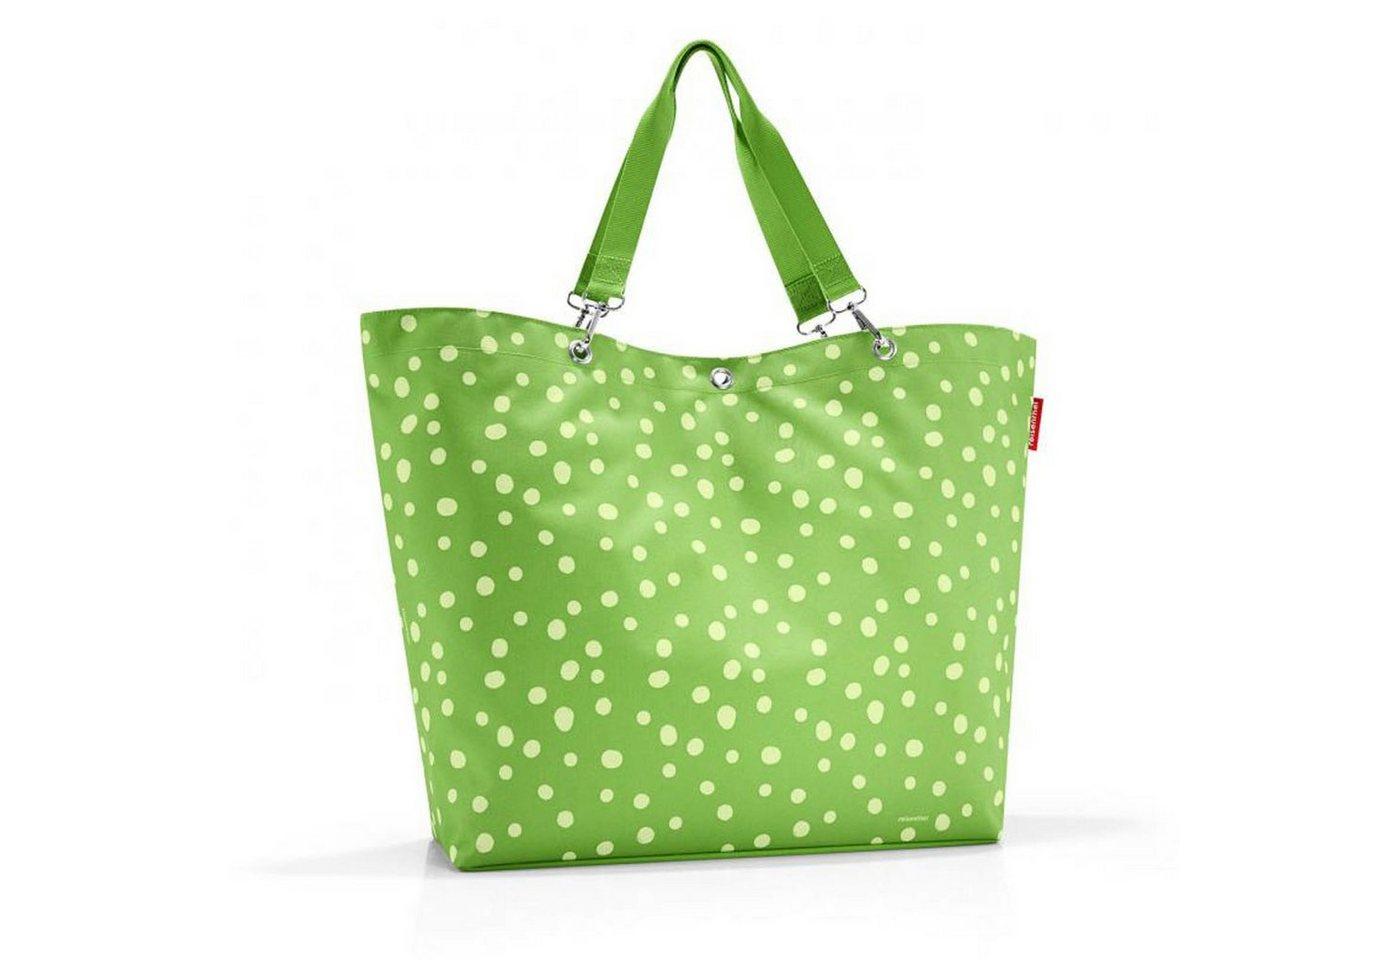 REISENTHEL® Strandtasche »shopper XL« | Taschen > Handtaschen > Strandtaschen | REISENTHEL®